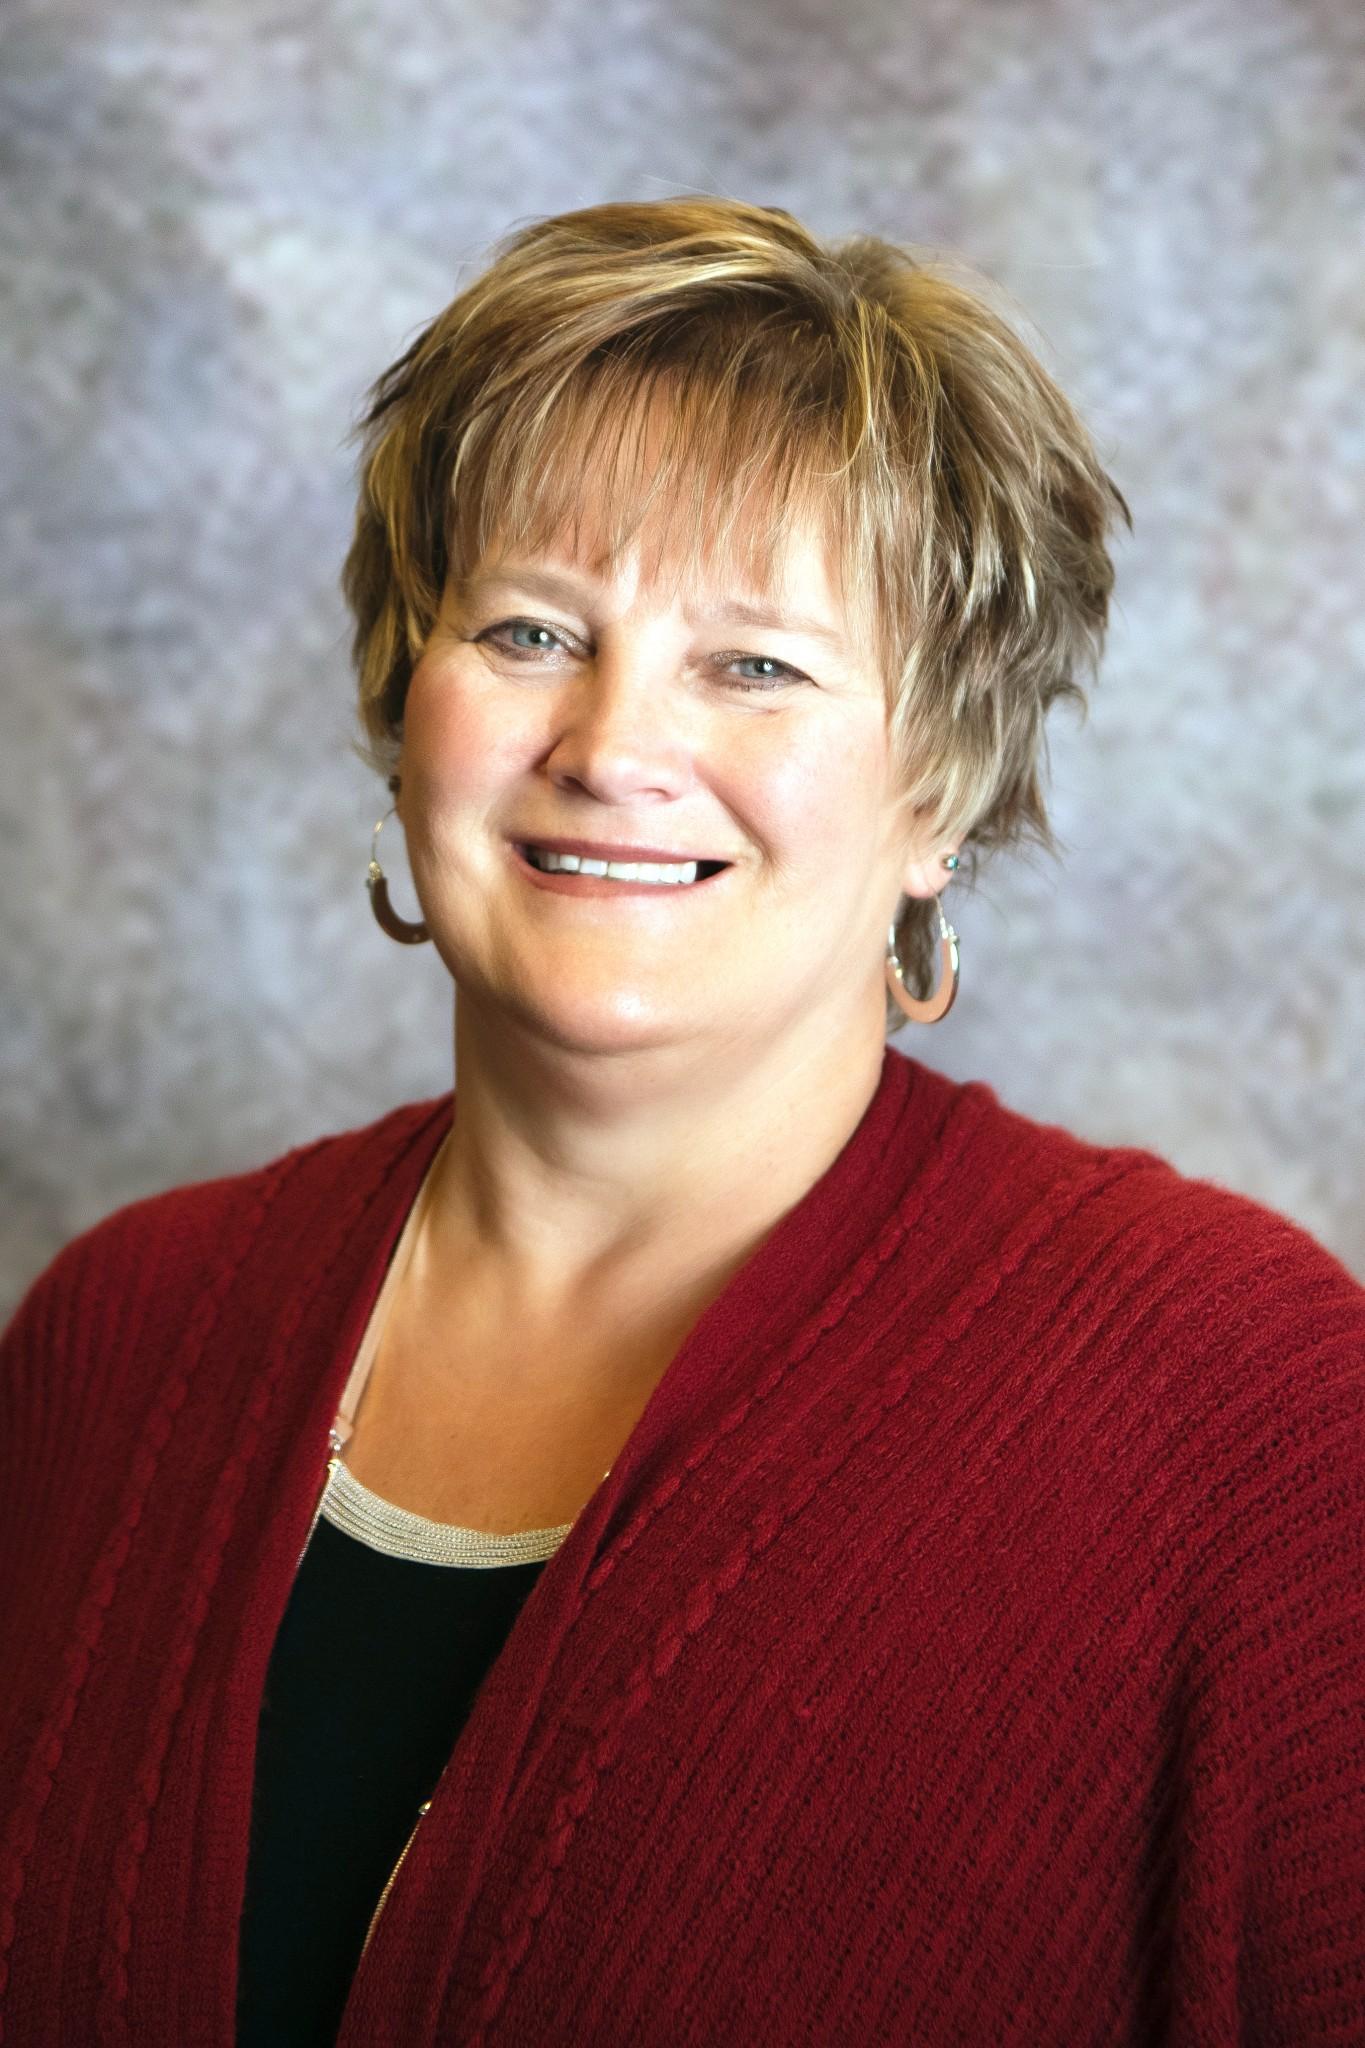 Gayle Millinger